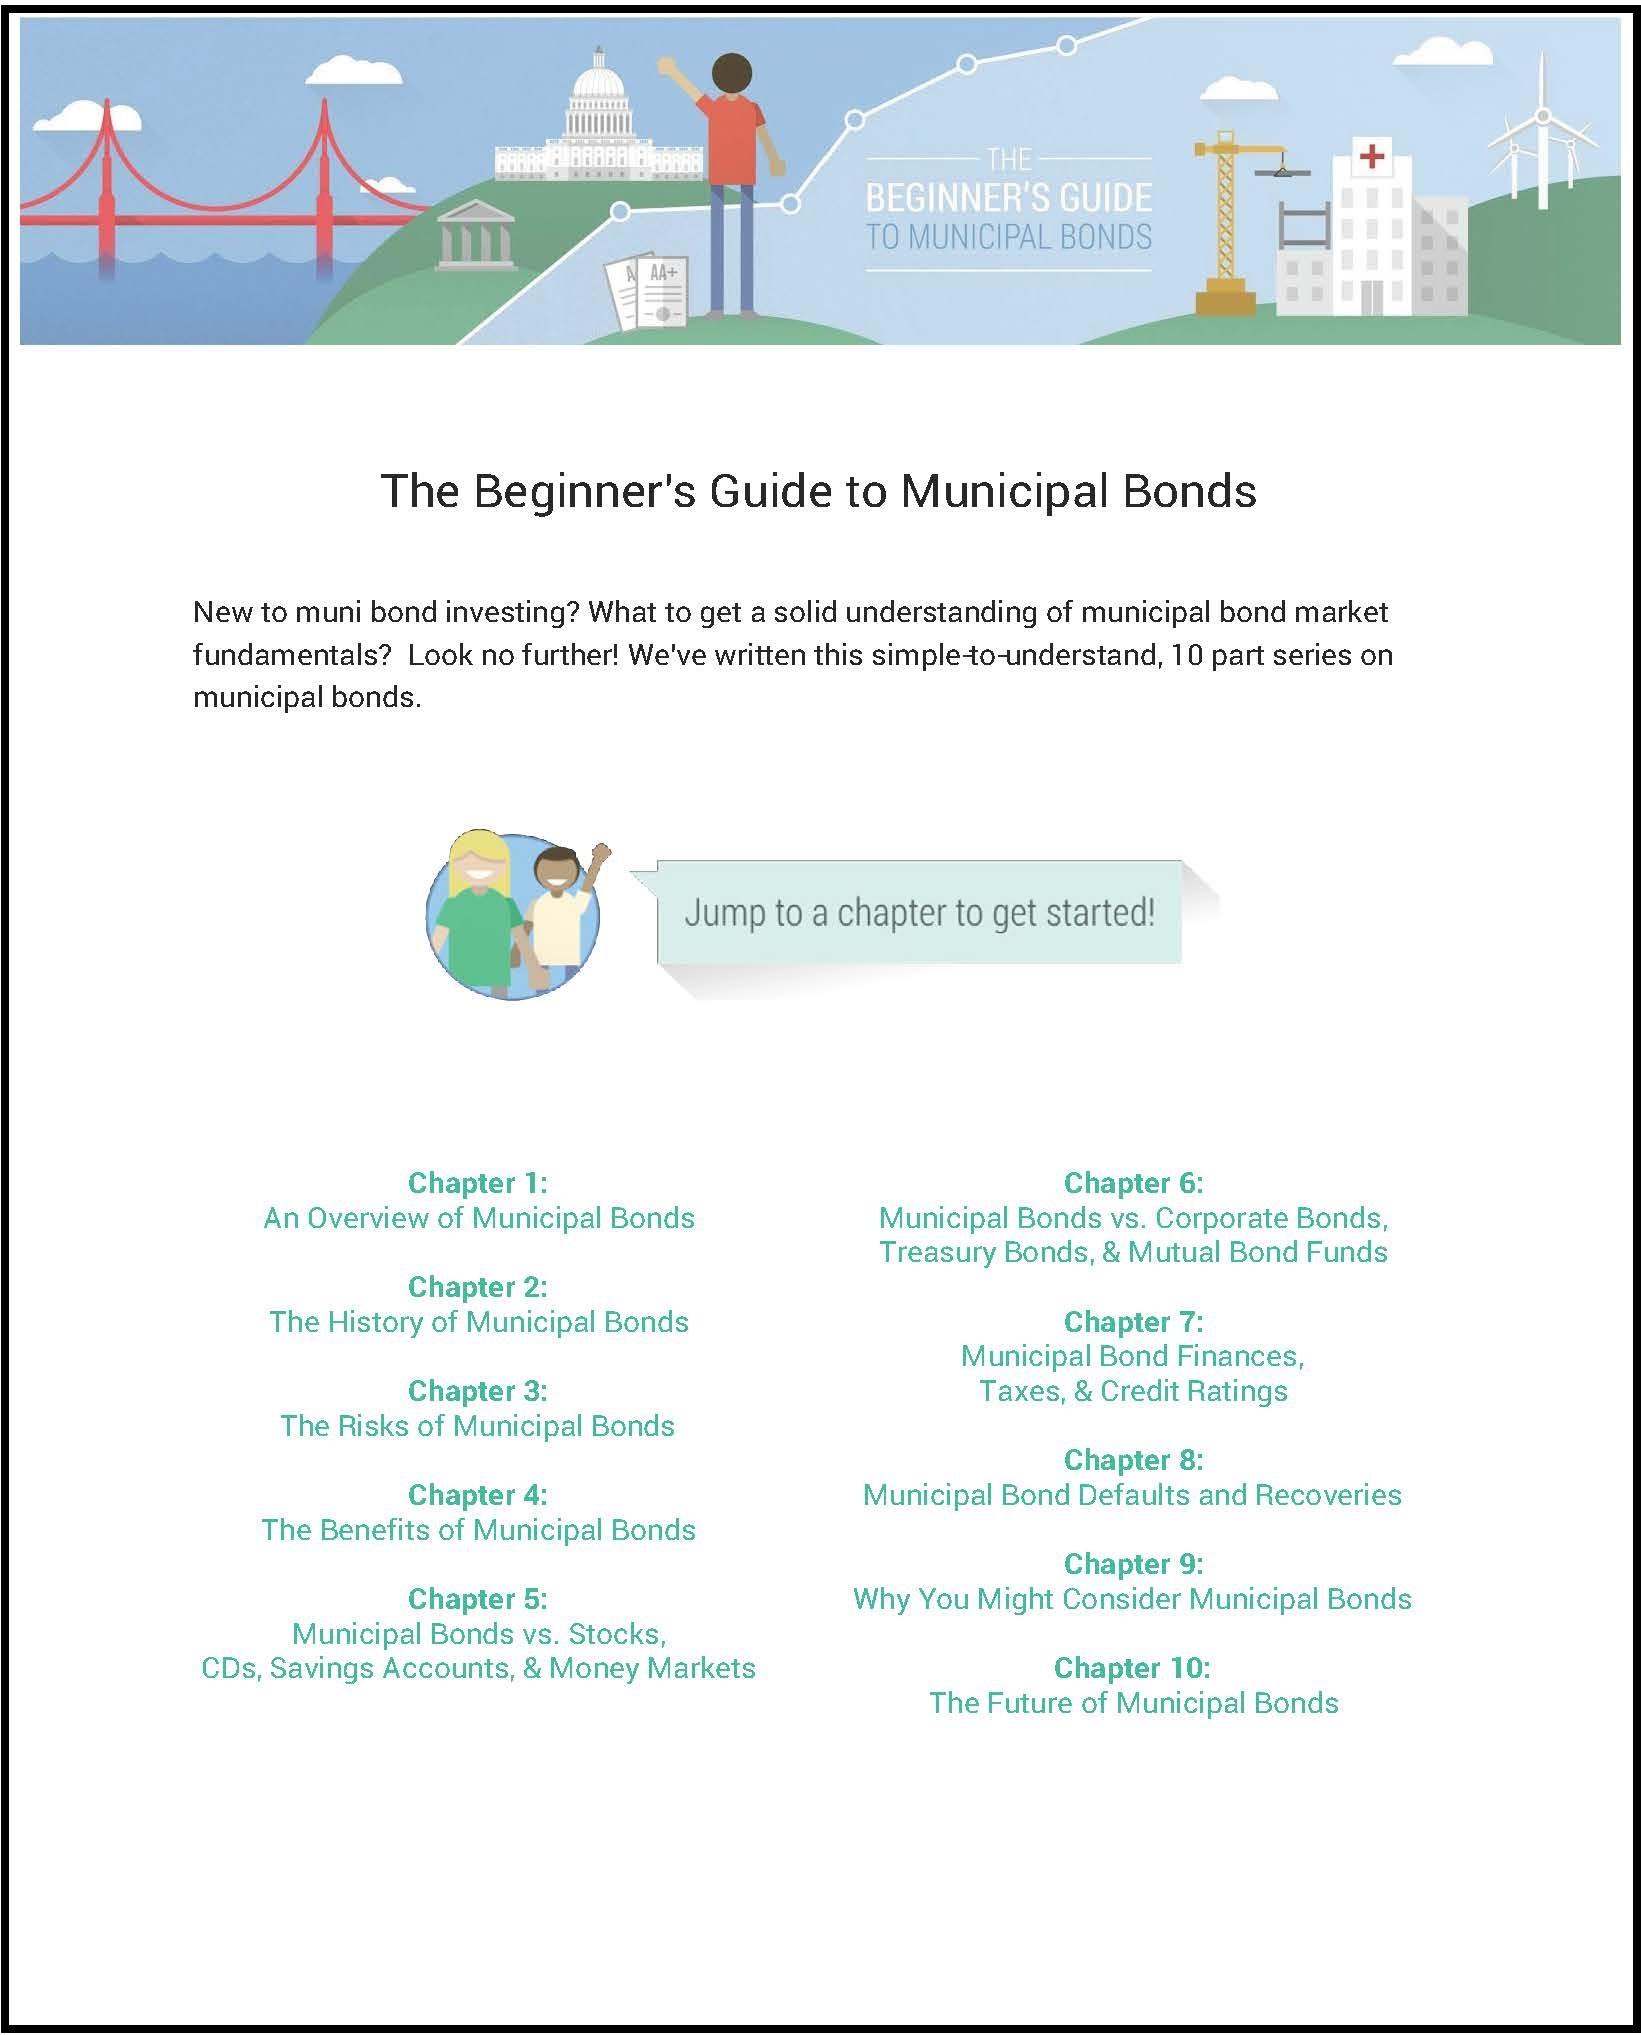 Beginners_guide_to_muni_bonds_image1.jpg